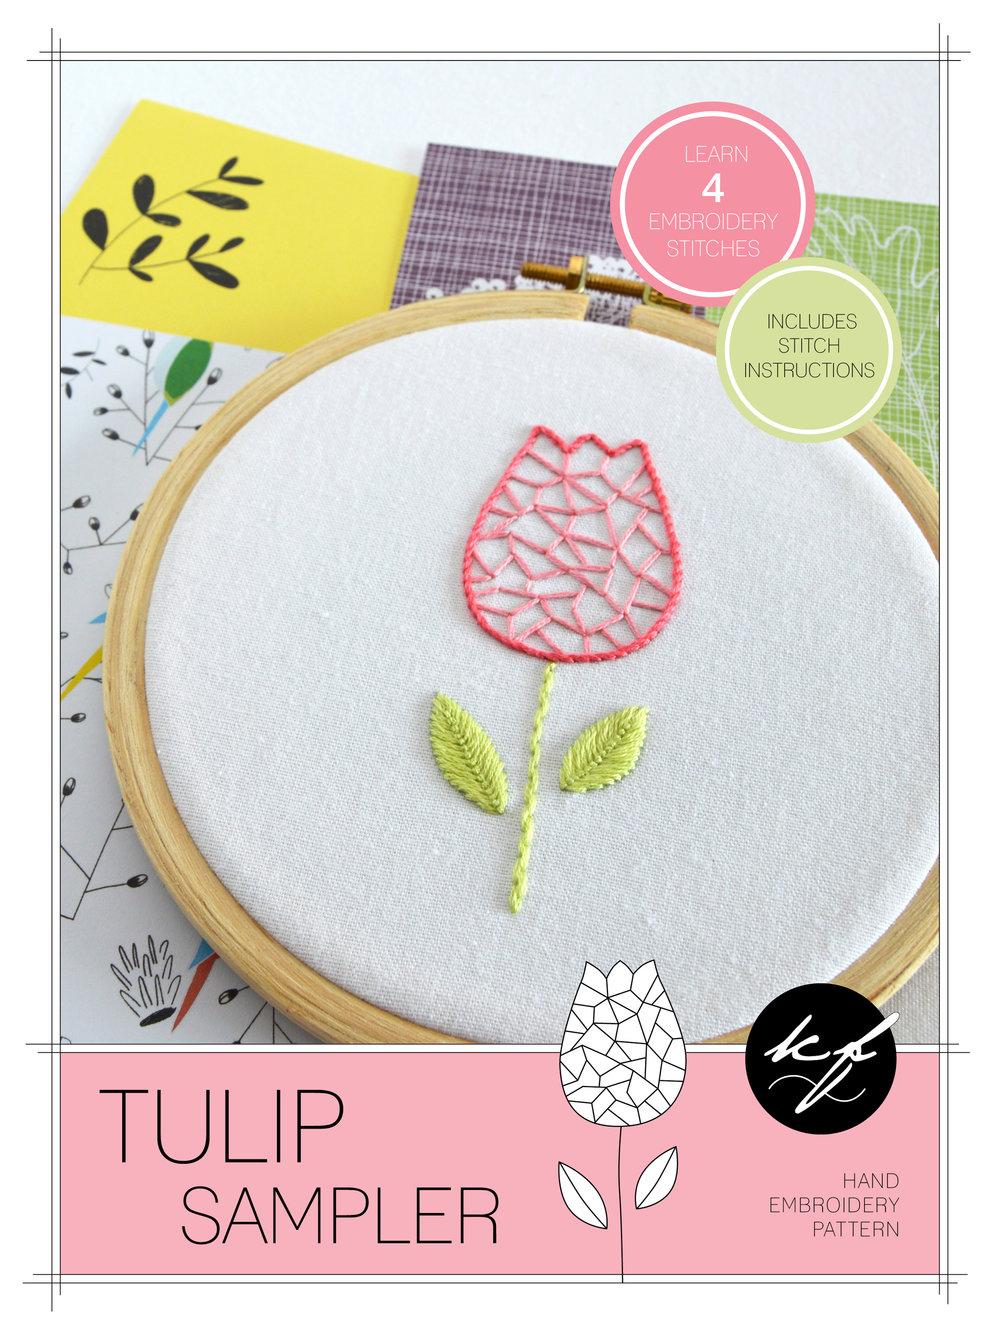 Embroidery Sampler Patterns Free Blog Kelly Fletcher Needlework Design